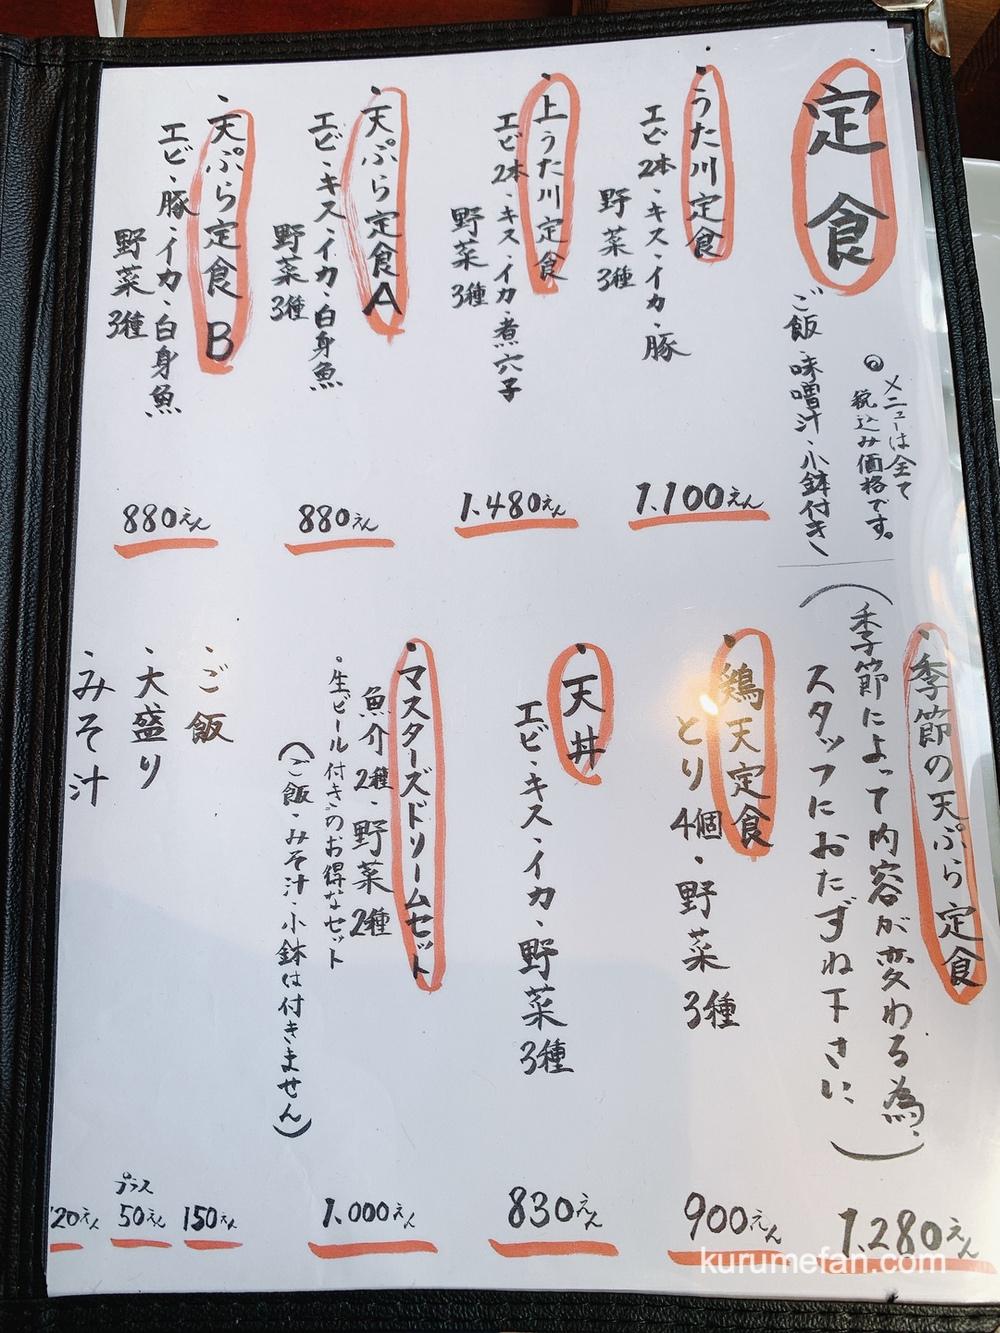 天婦羅 うた川 久留米市 ランチ メニュー表